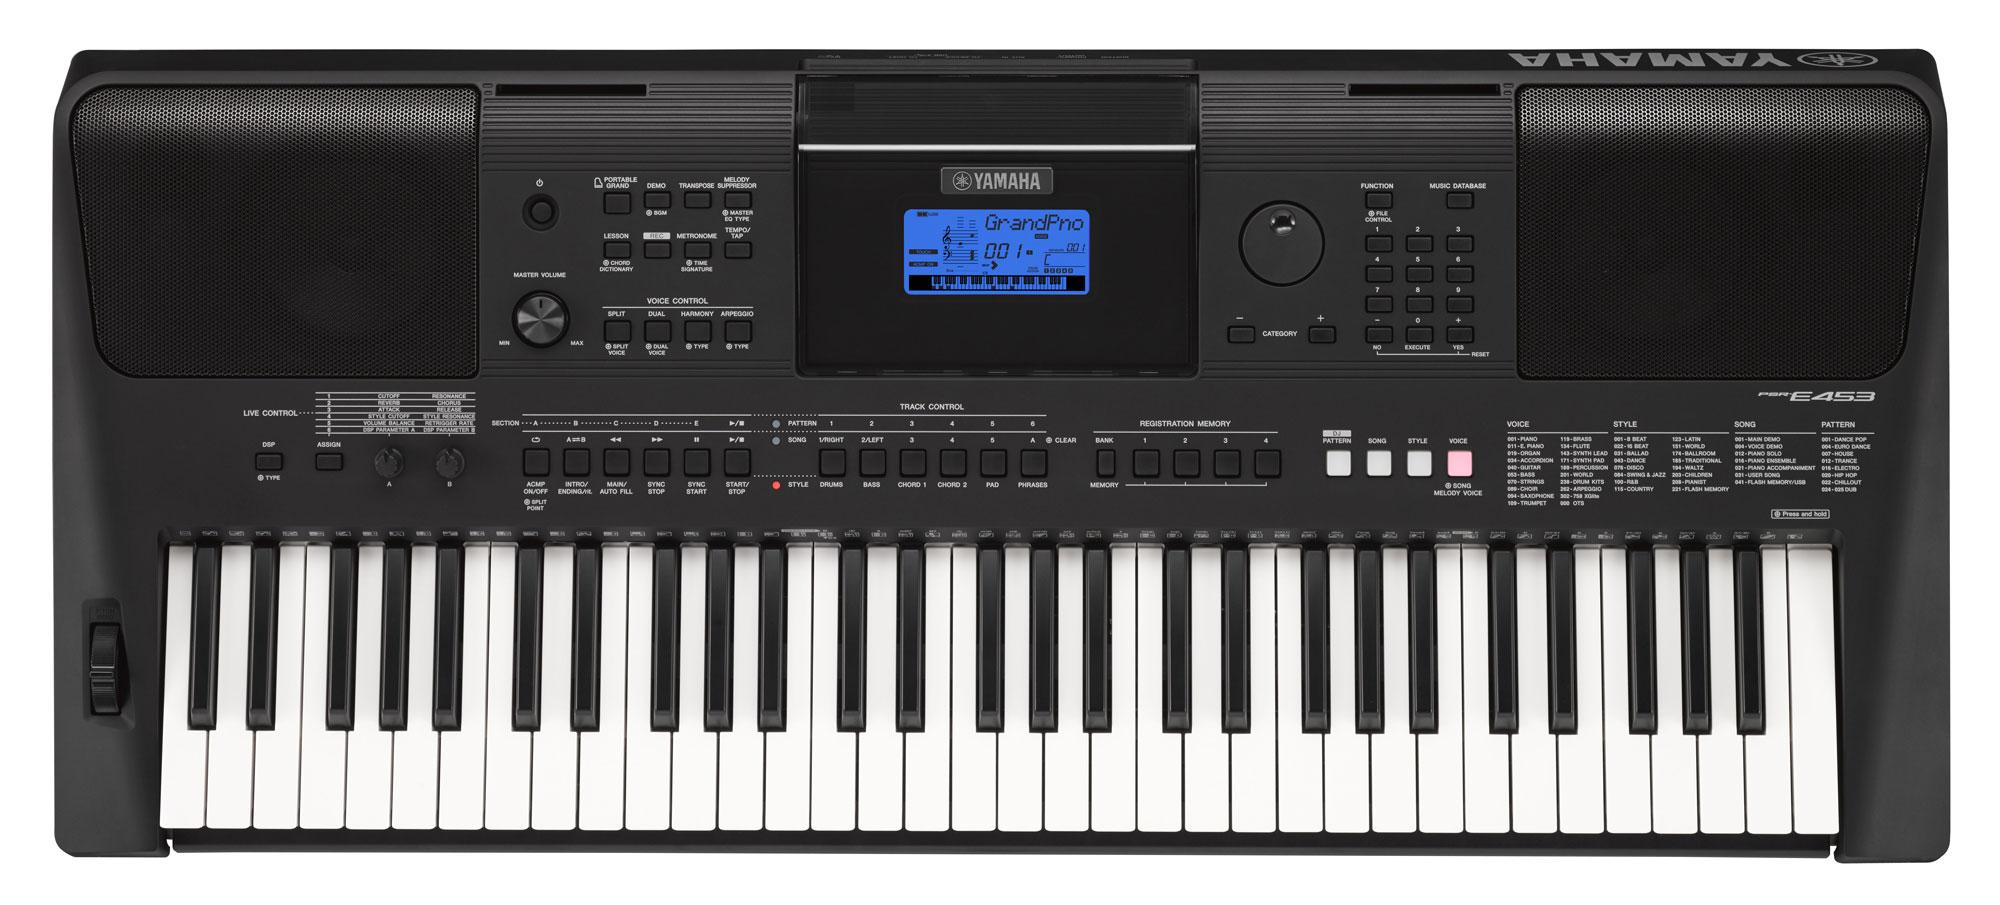 yamaha psr e453 keyboard set. Black Bedroom Furniture Sets. Home Design Ideas